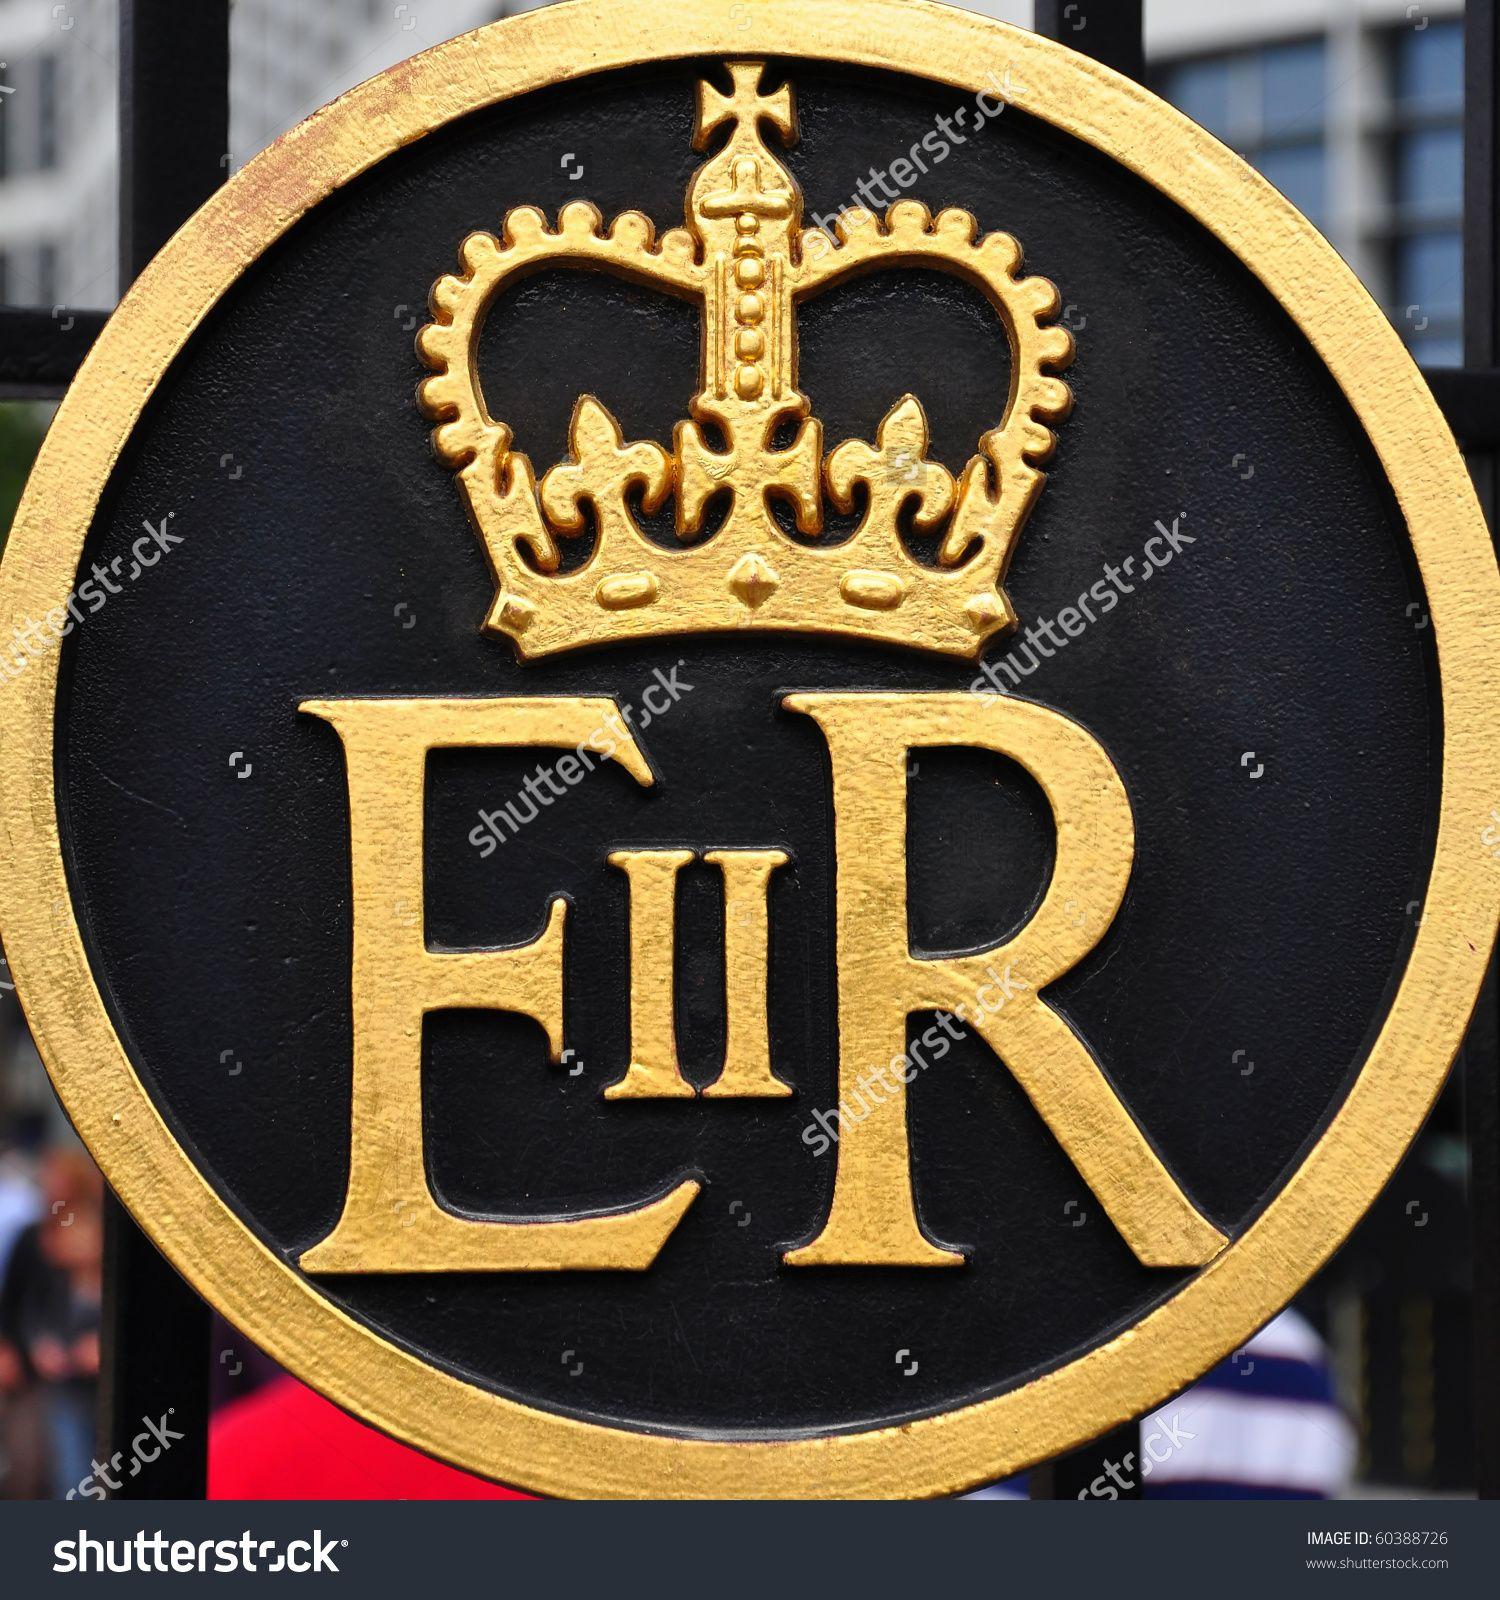 Elizabeth ii of the united kingdom symbol of queen elizabeth ii elizabeth ii of the united kingdom symbol of queen elizabeth ii regina united kingdom biocorpaavc